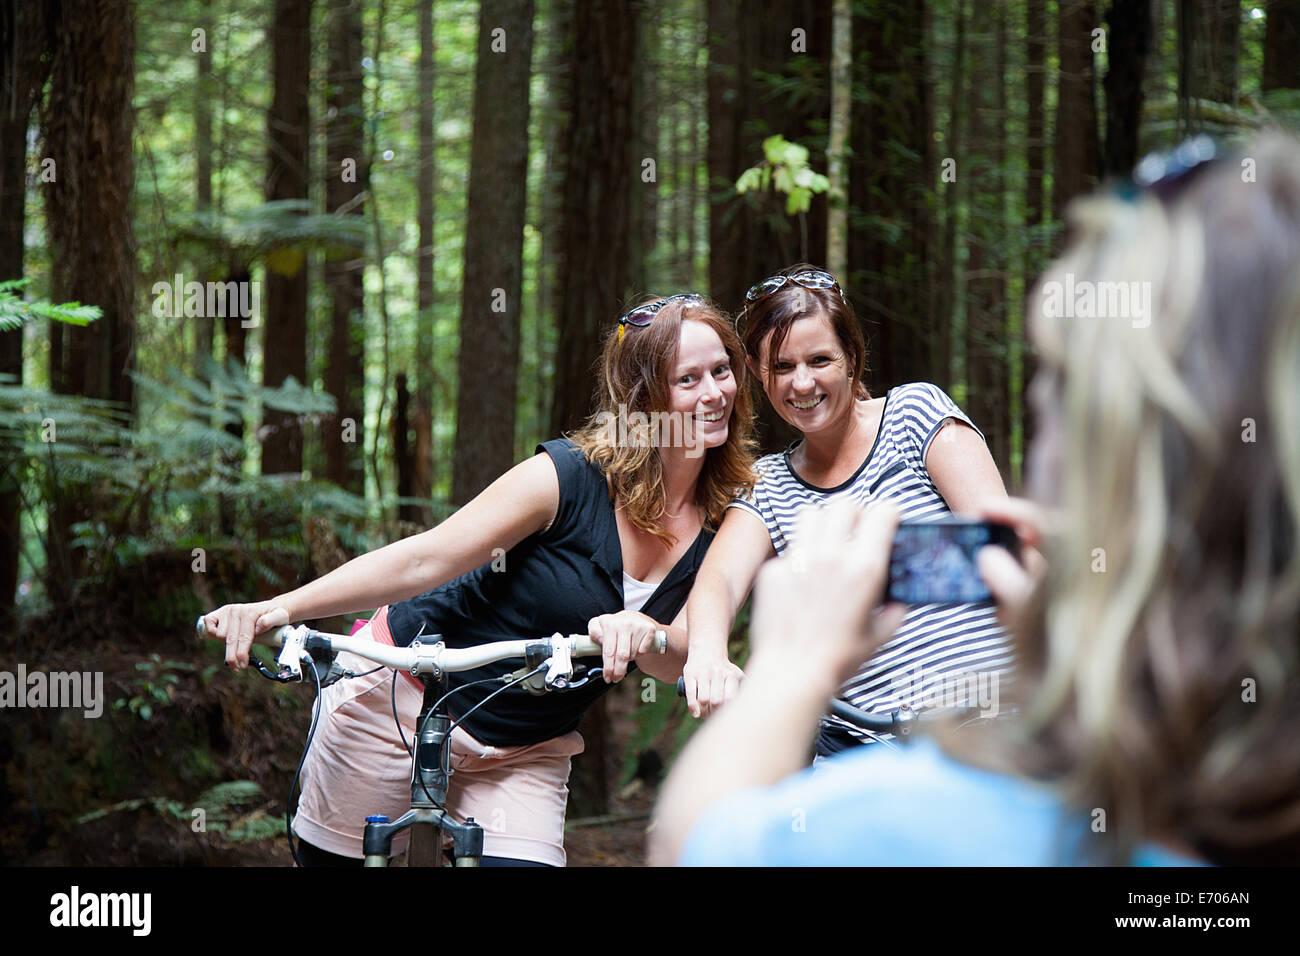 Vista sobre el hombro de las mujeres ciclistas de montaña posando para la foto en el smartphone en el bosque Imagen De Stock